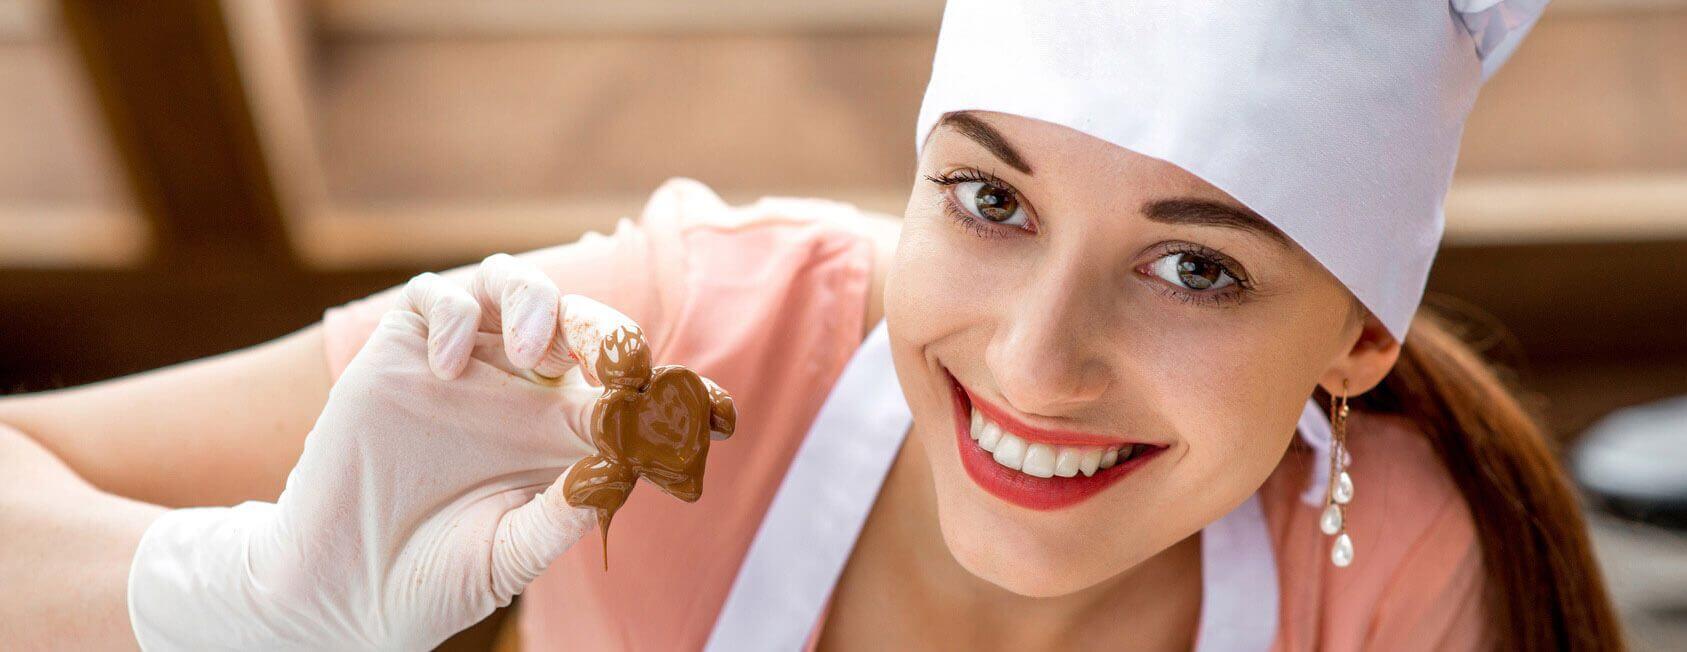 Frau mit einer selbstgemachten Praline in der Hand